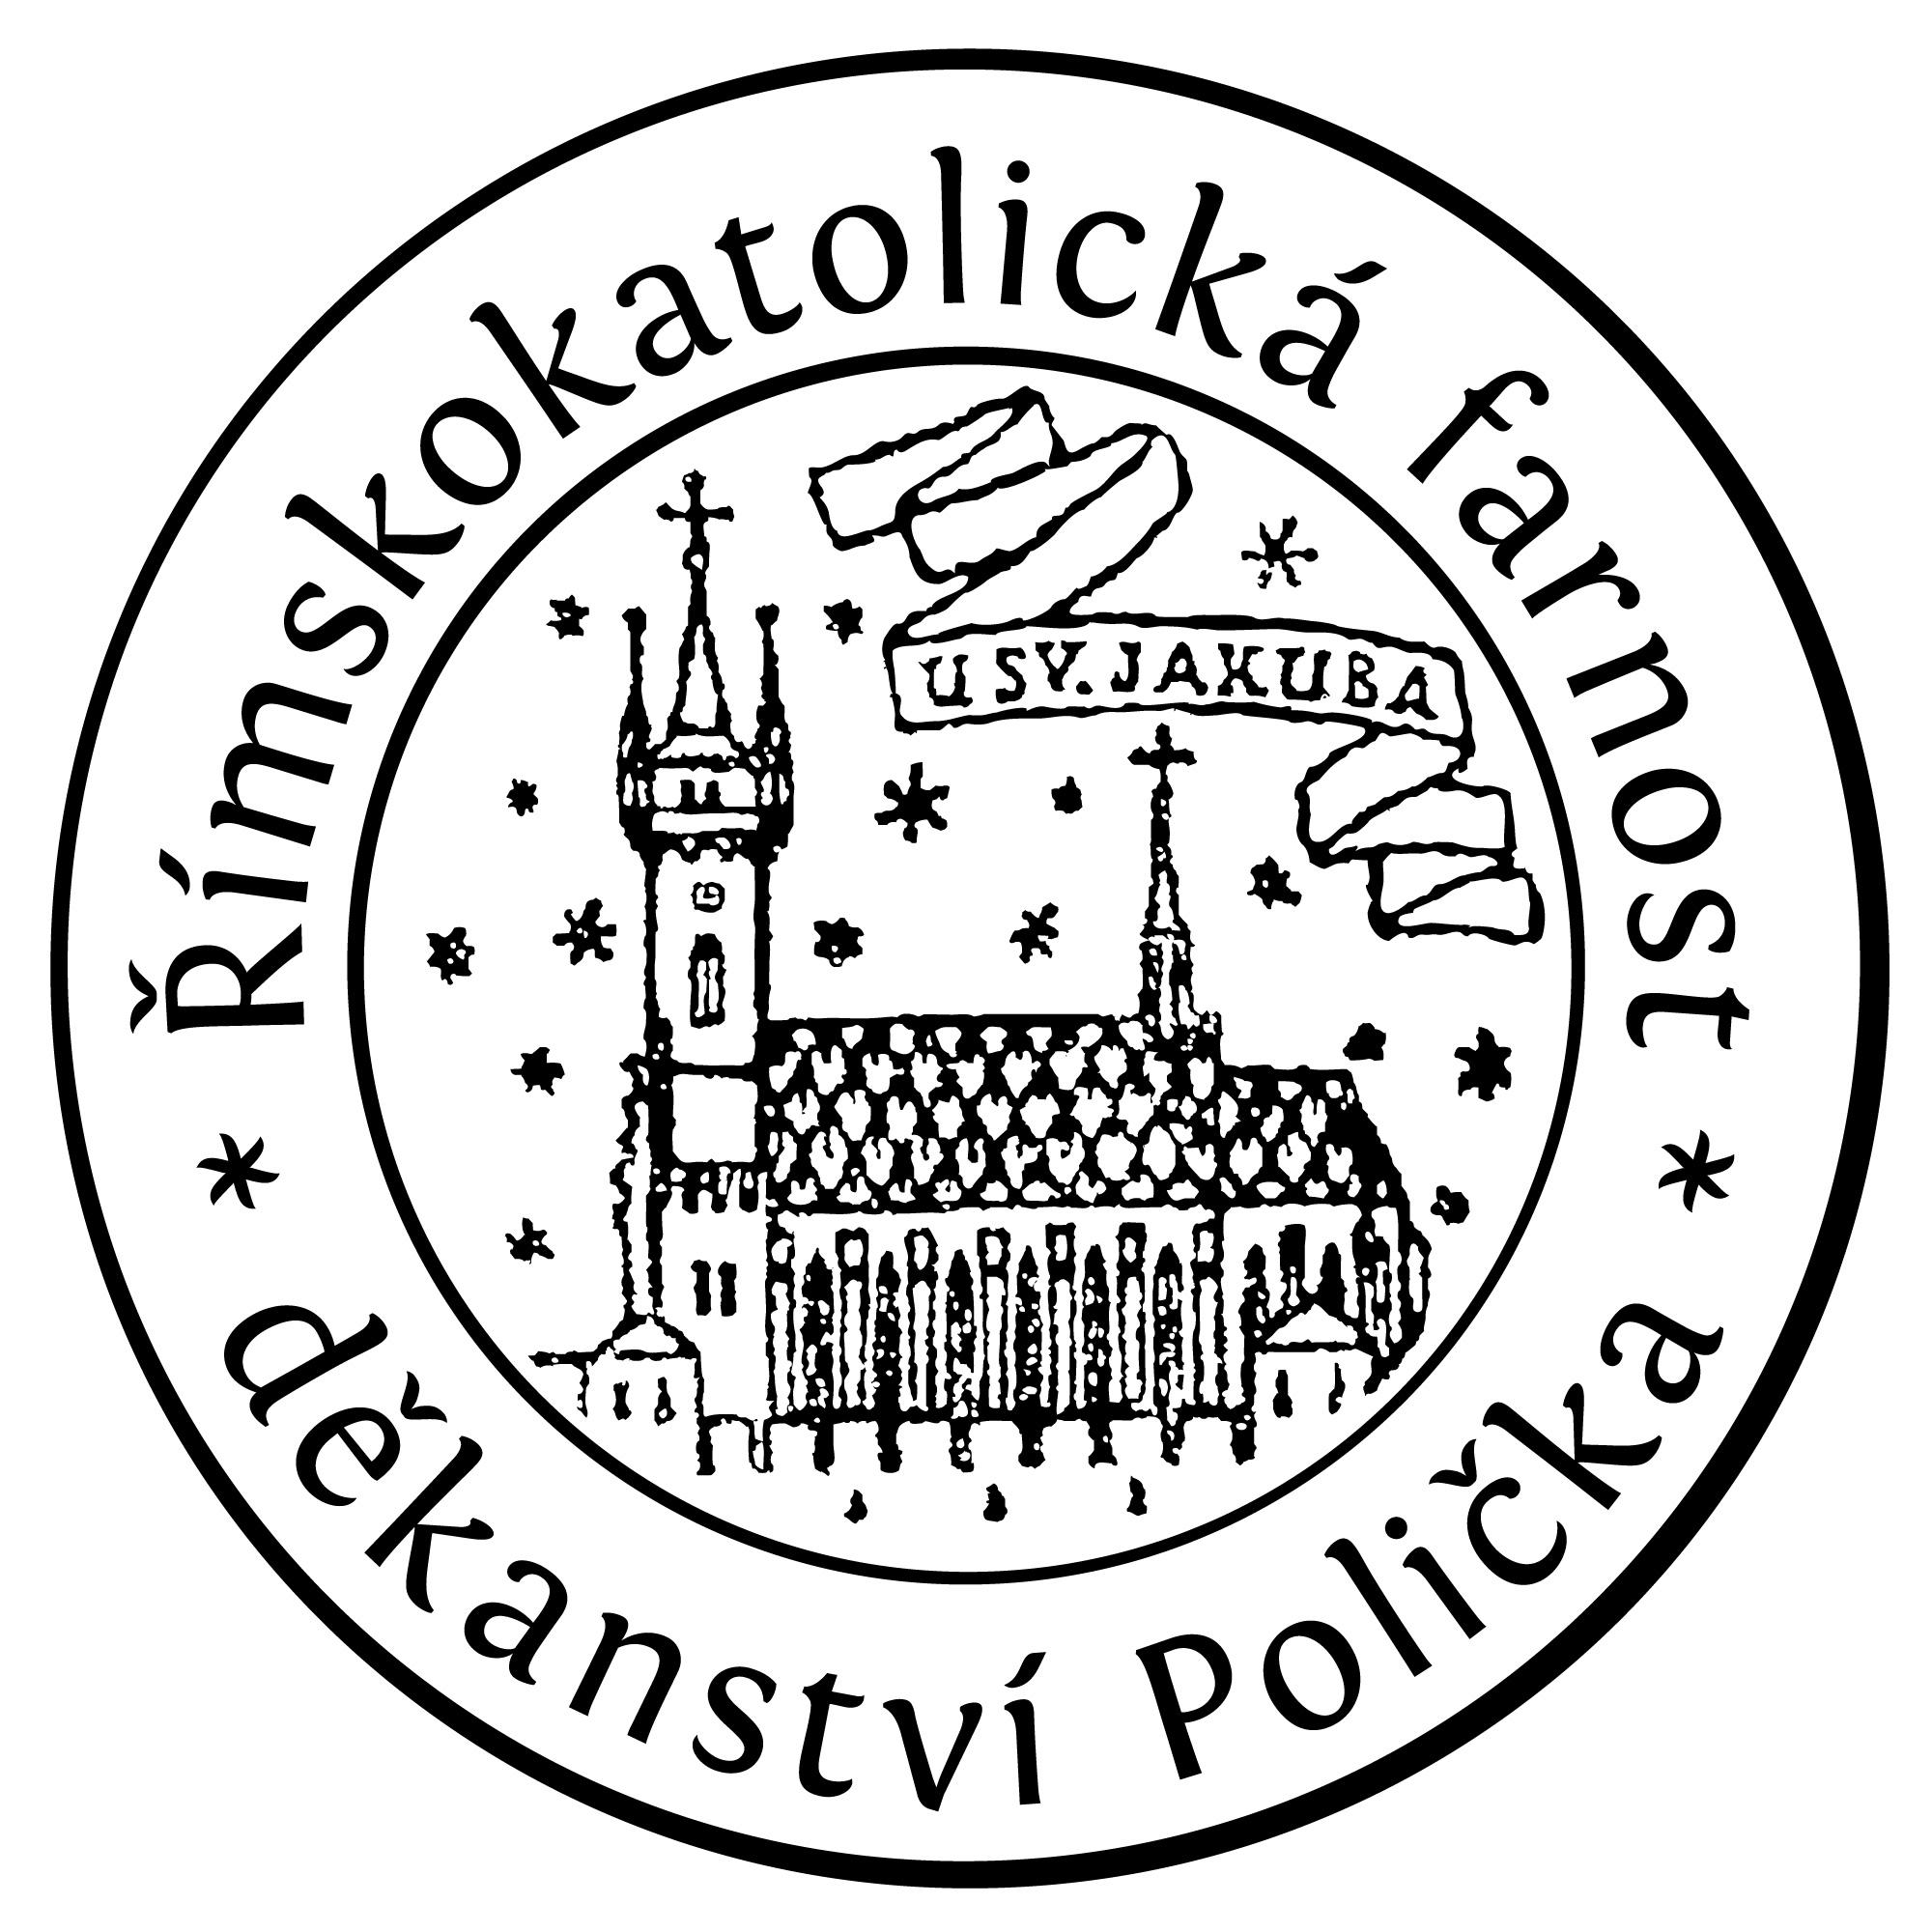 Intence farnosti Polička